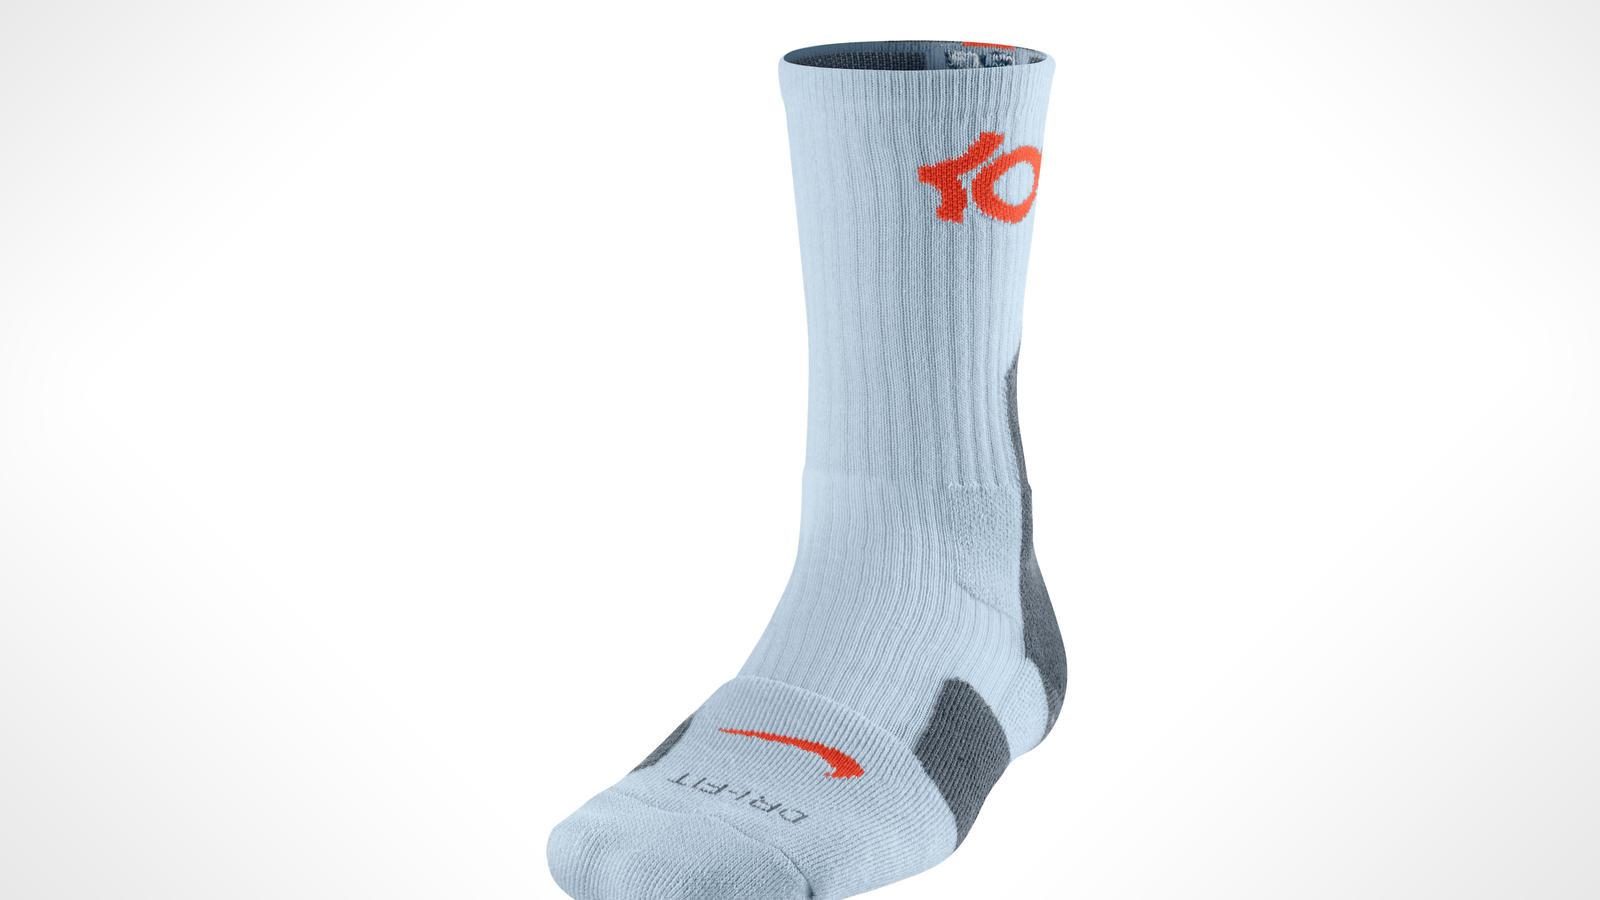 kd-sock-1